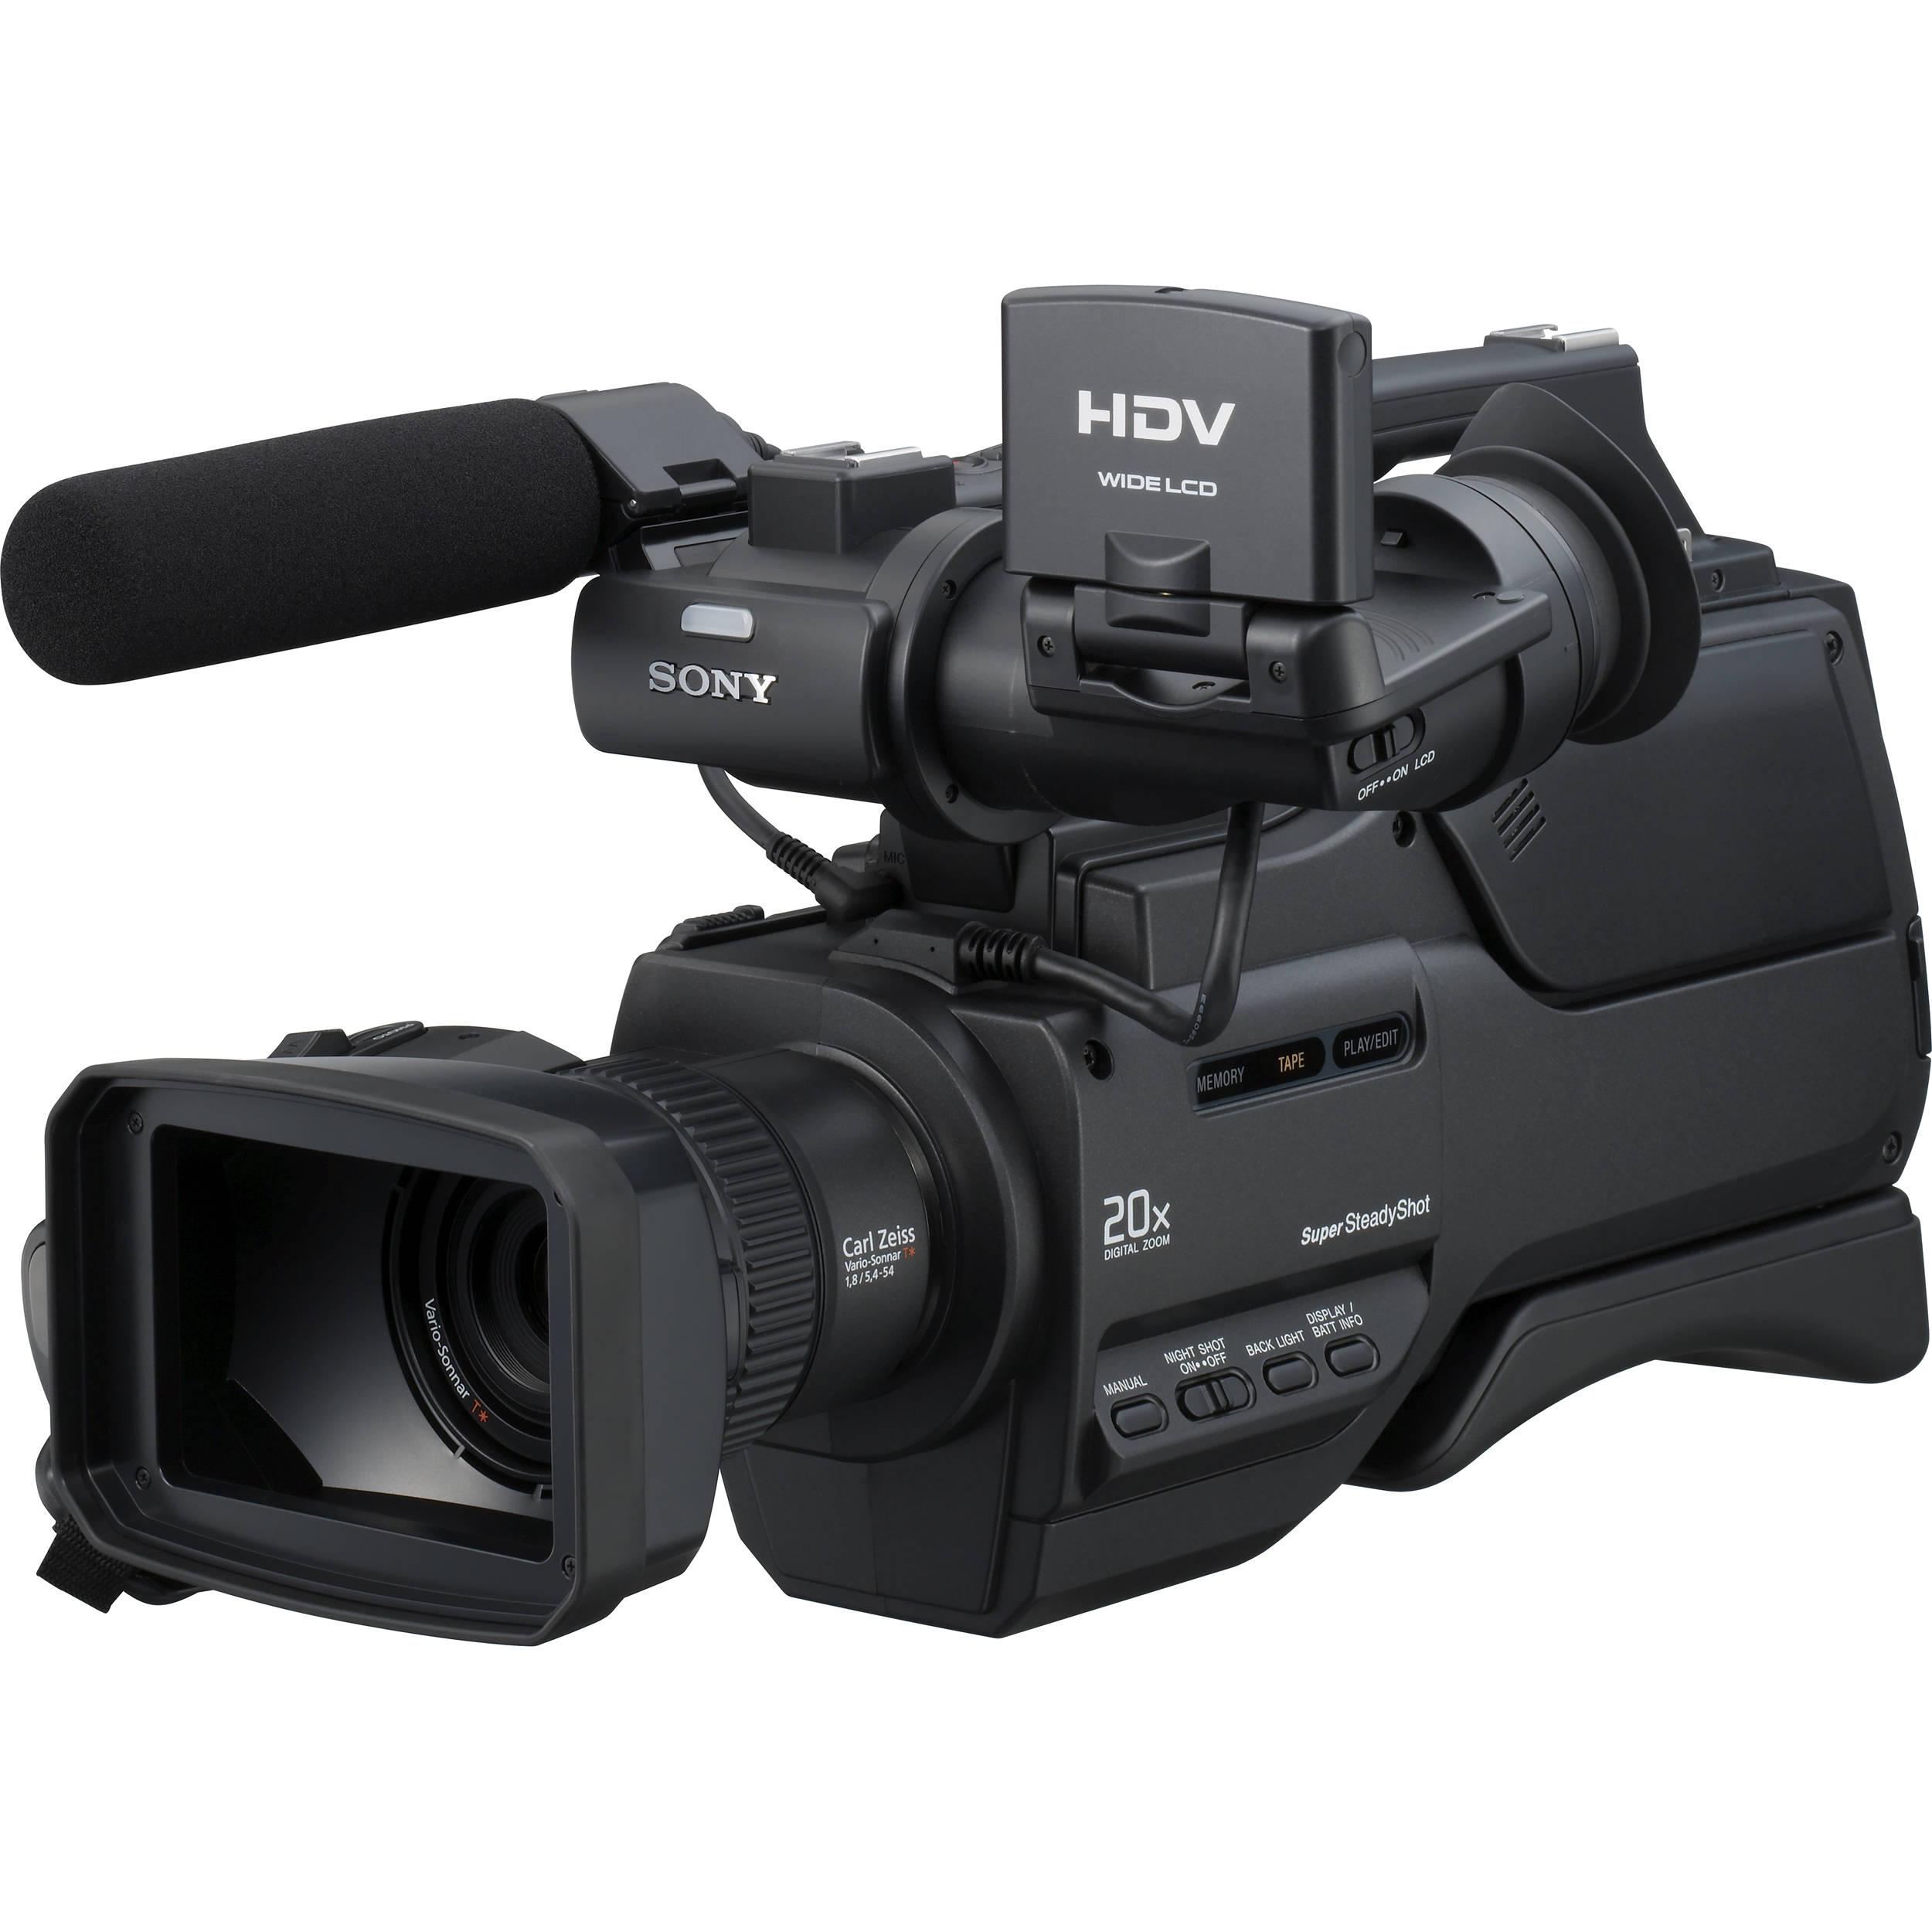 Sony Hvr Hd1000u Digital High Definition Hdv Camcorder